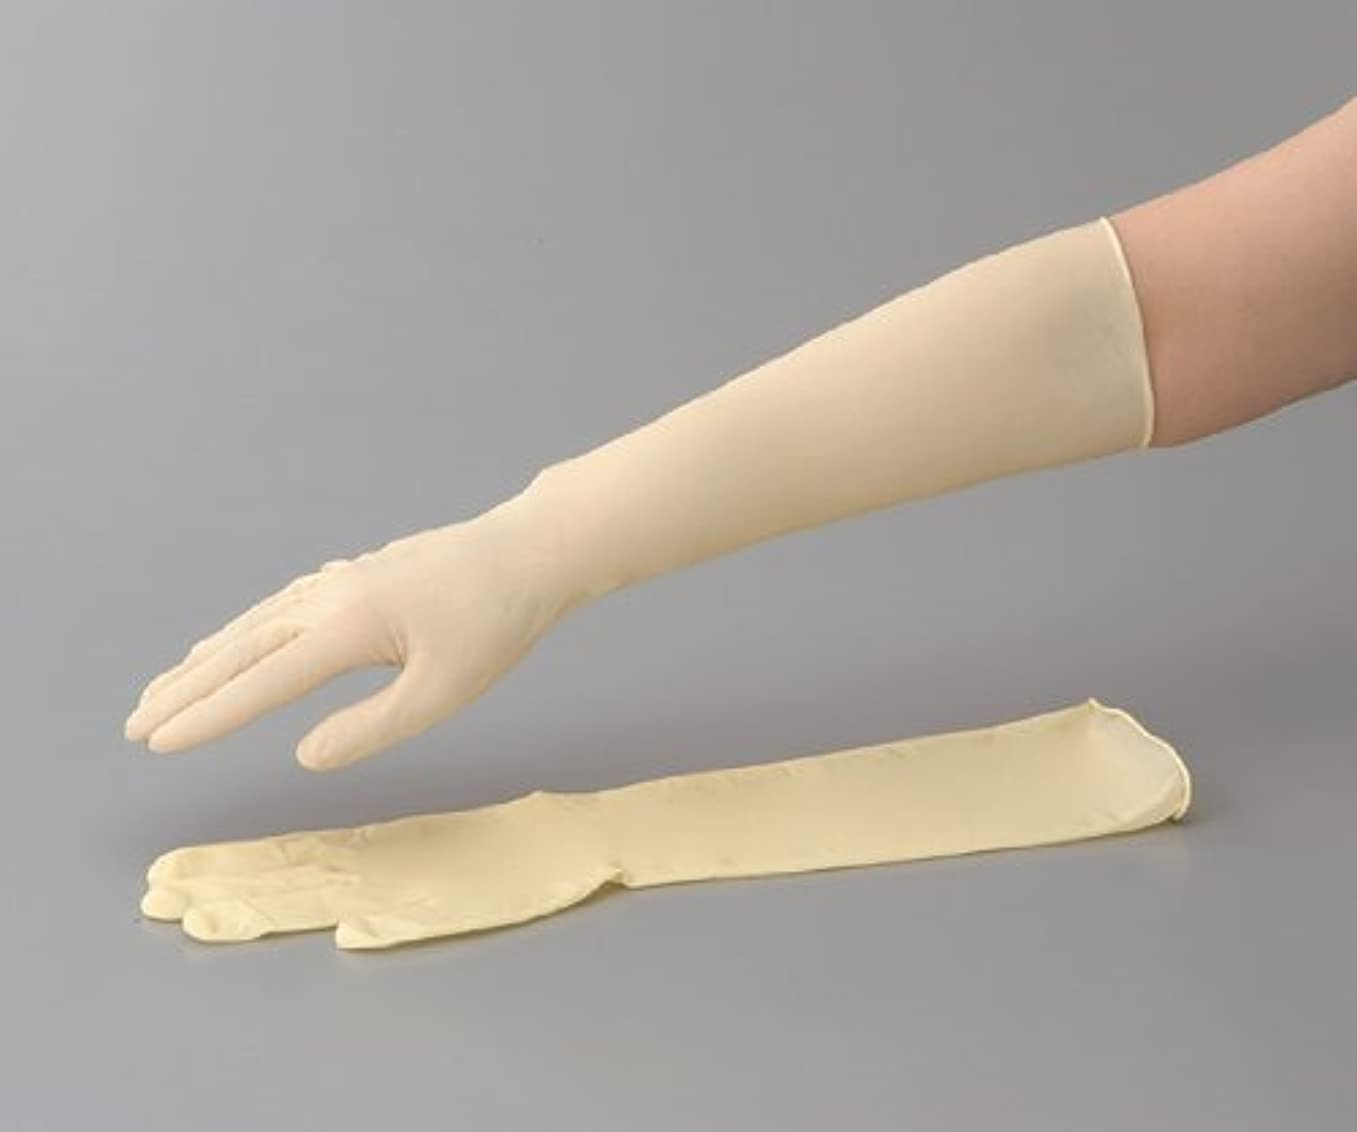 測るスペイン一致するラテックスロング手袋(スーパーロング) No.336 S 1袋(50枚入)